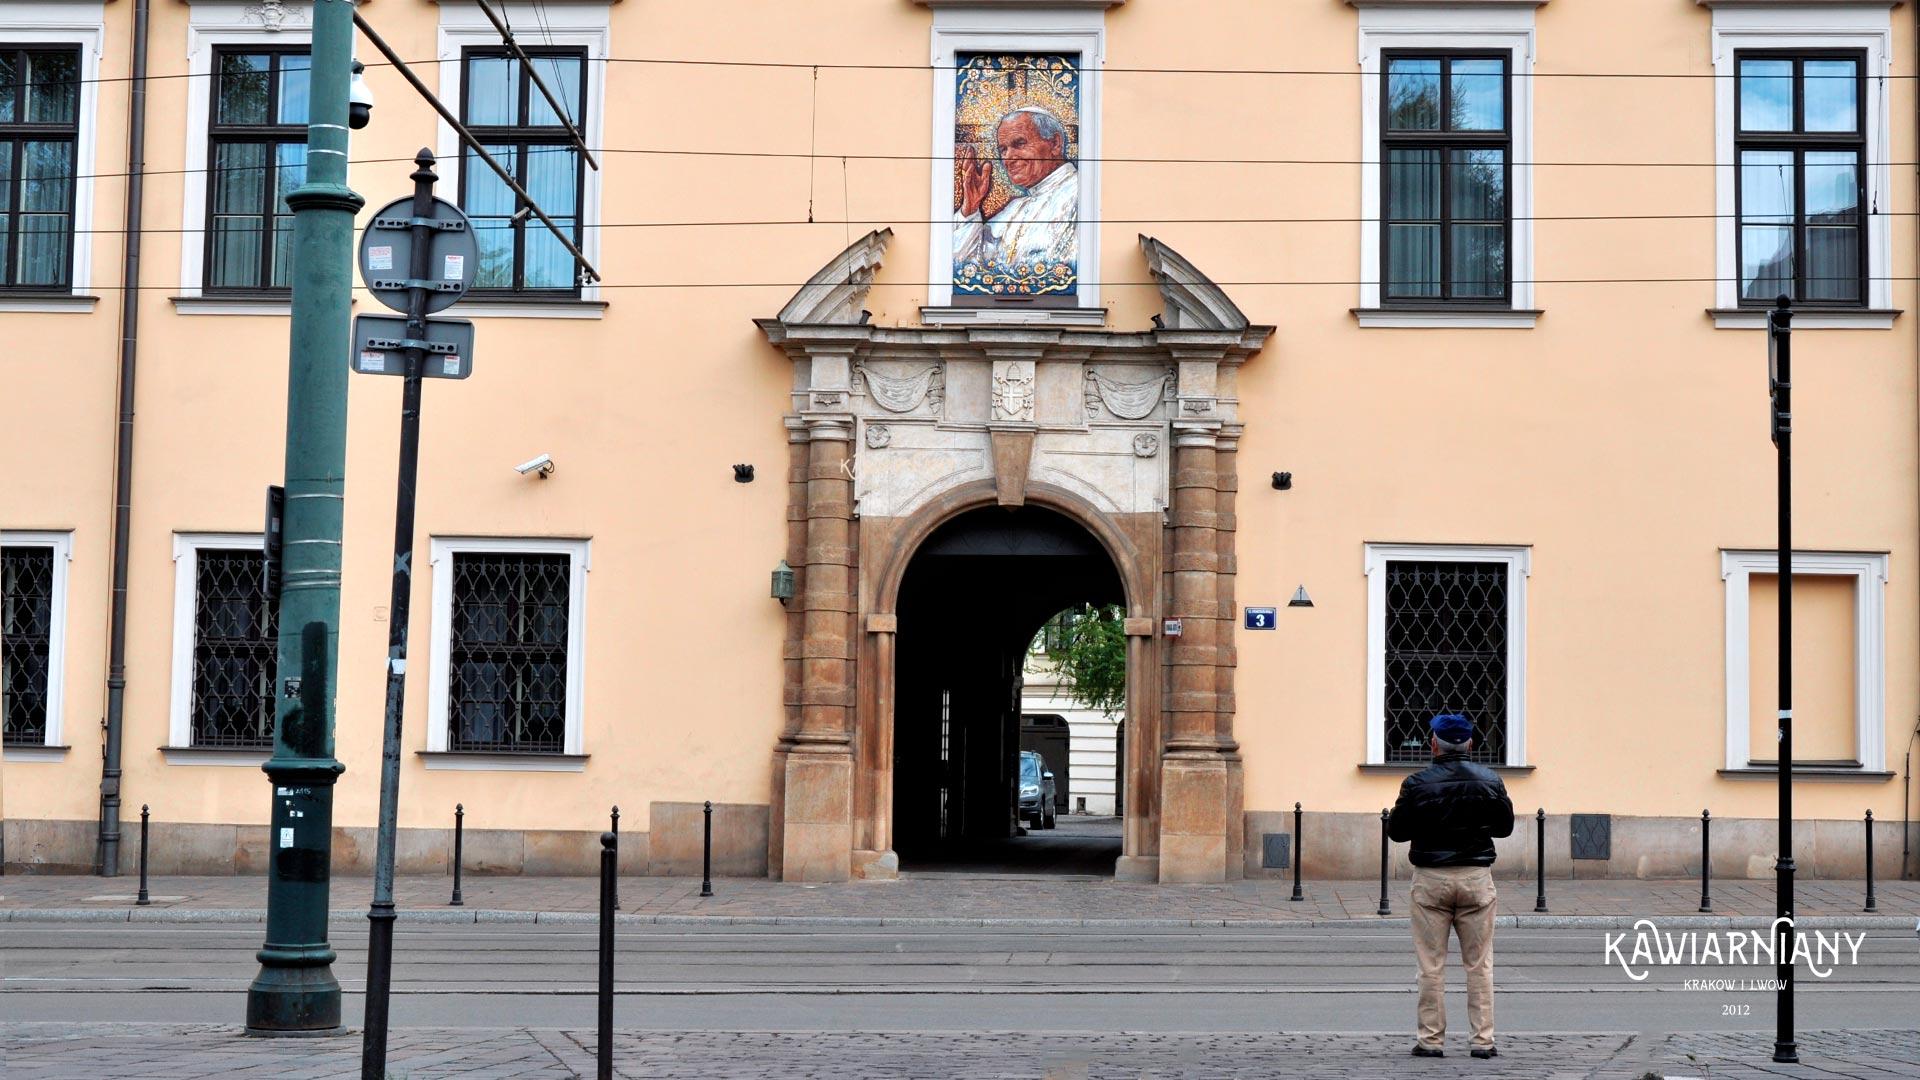 Okno Papieskie w Krakowie. Czy jest zamurowane? Czy jest mozaika?